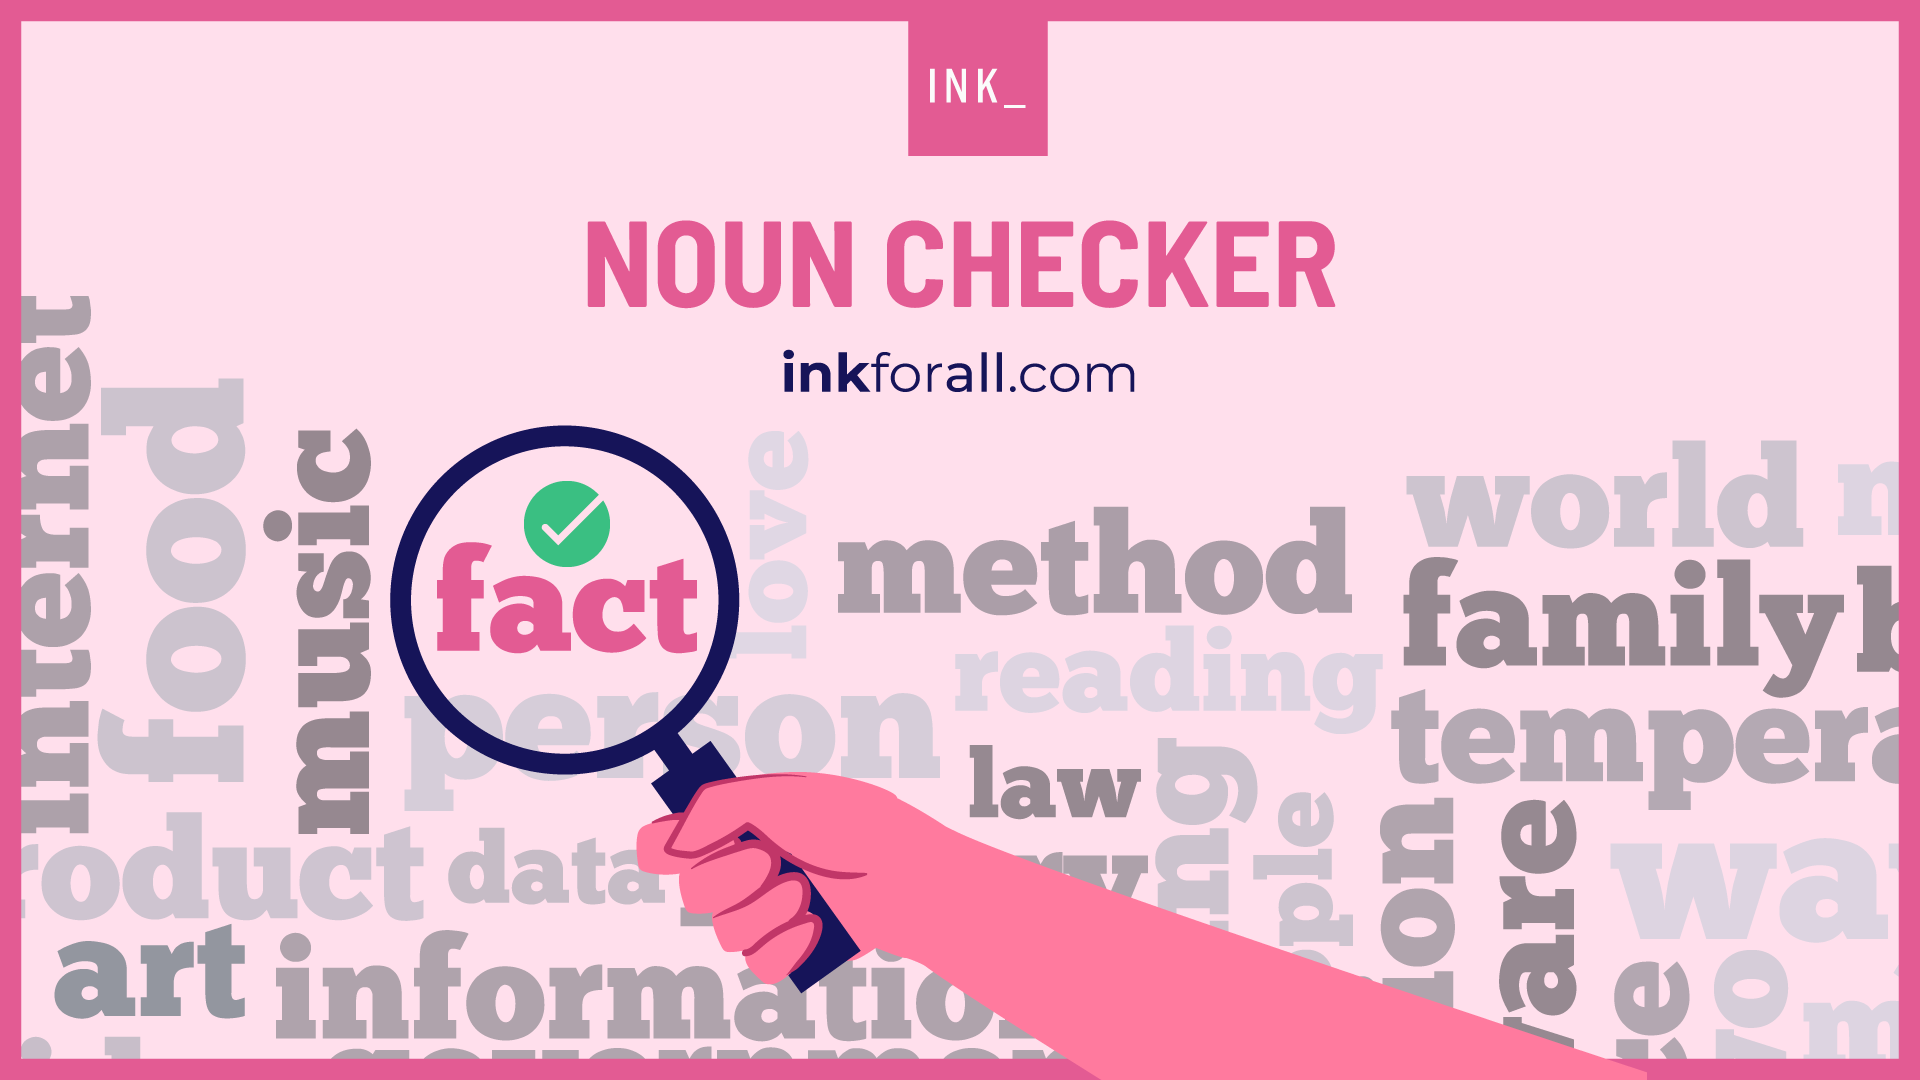 Noun checker